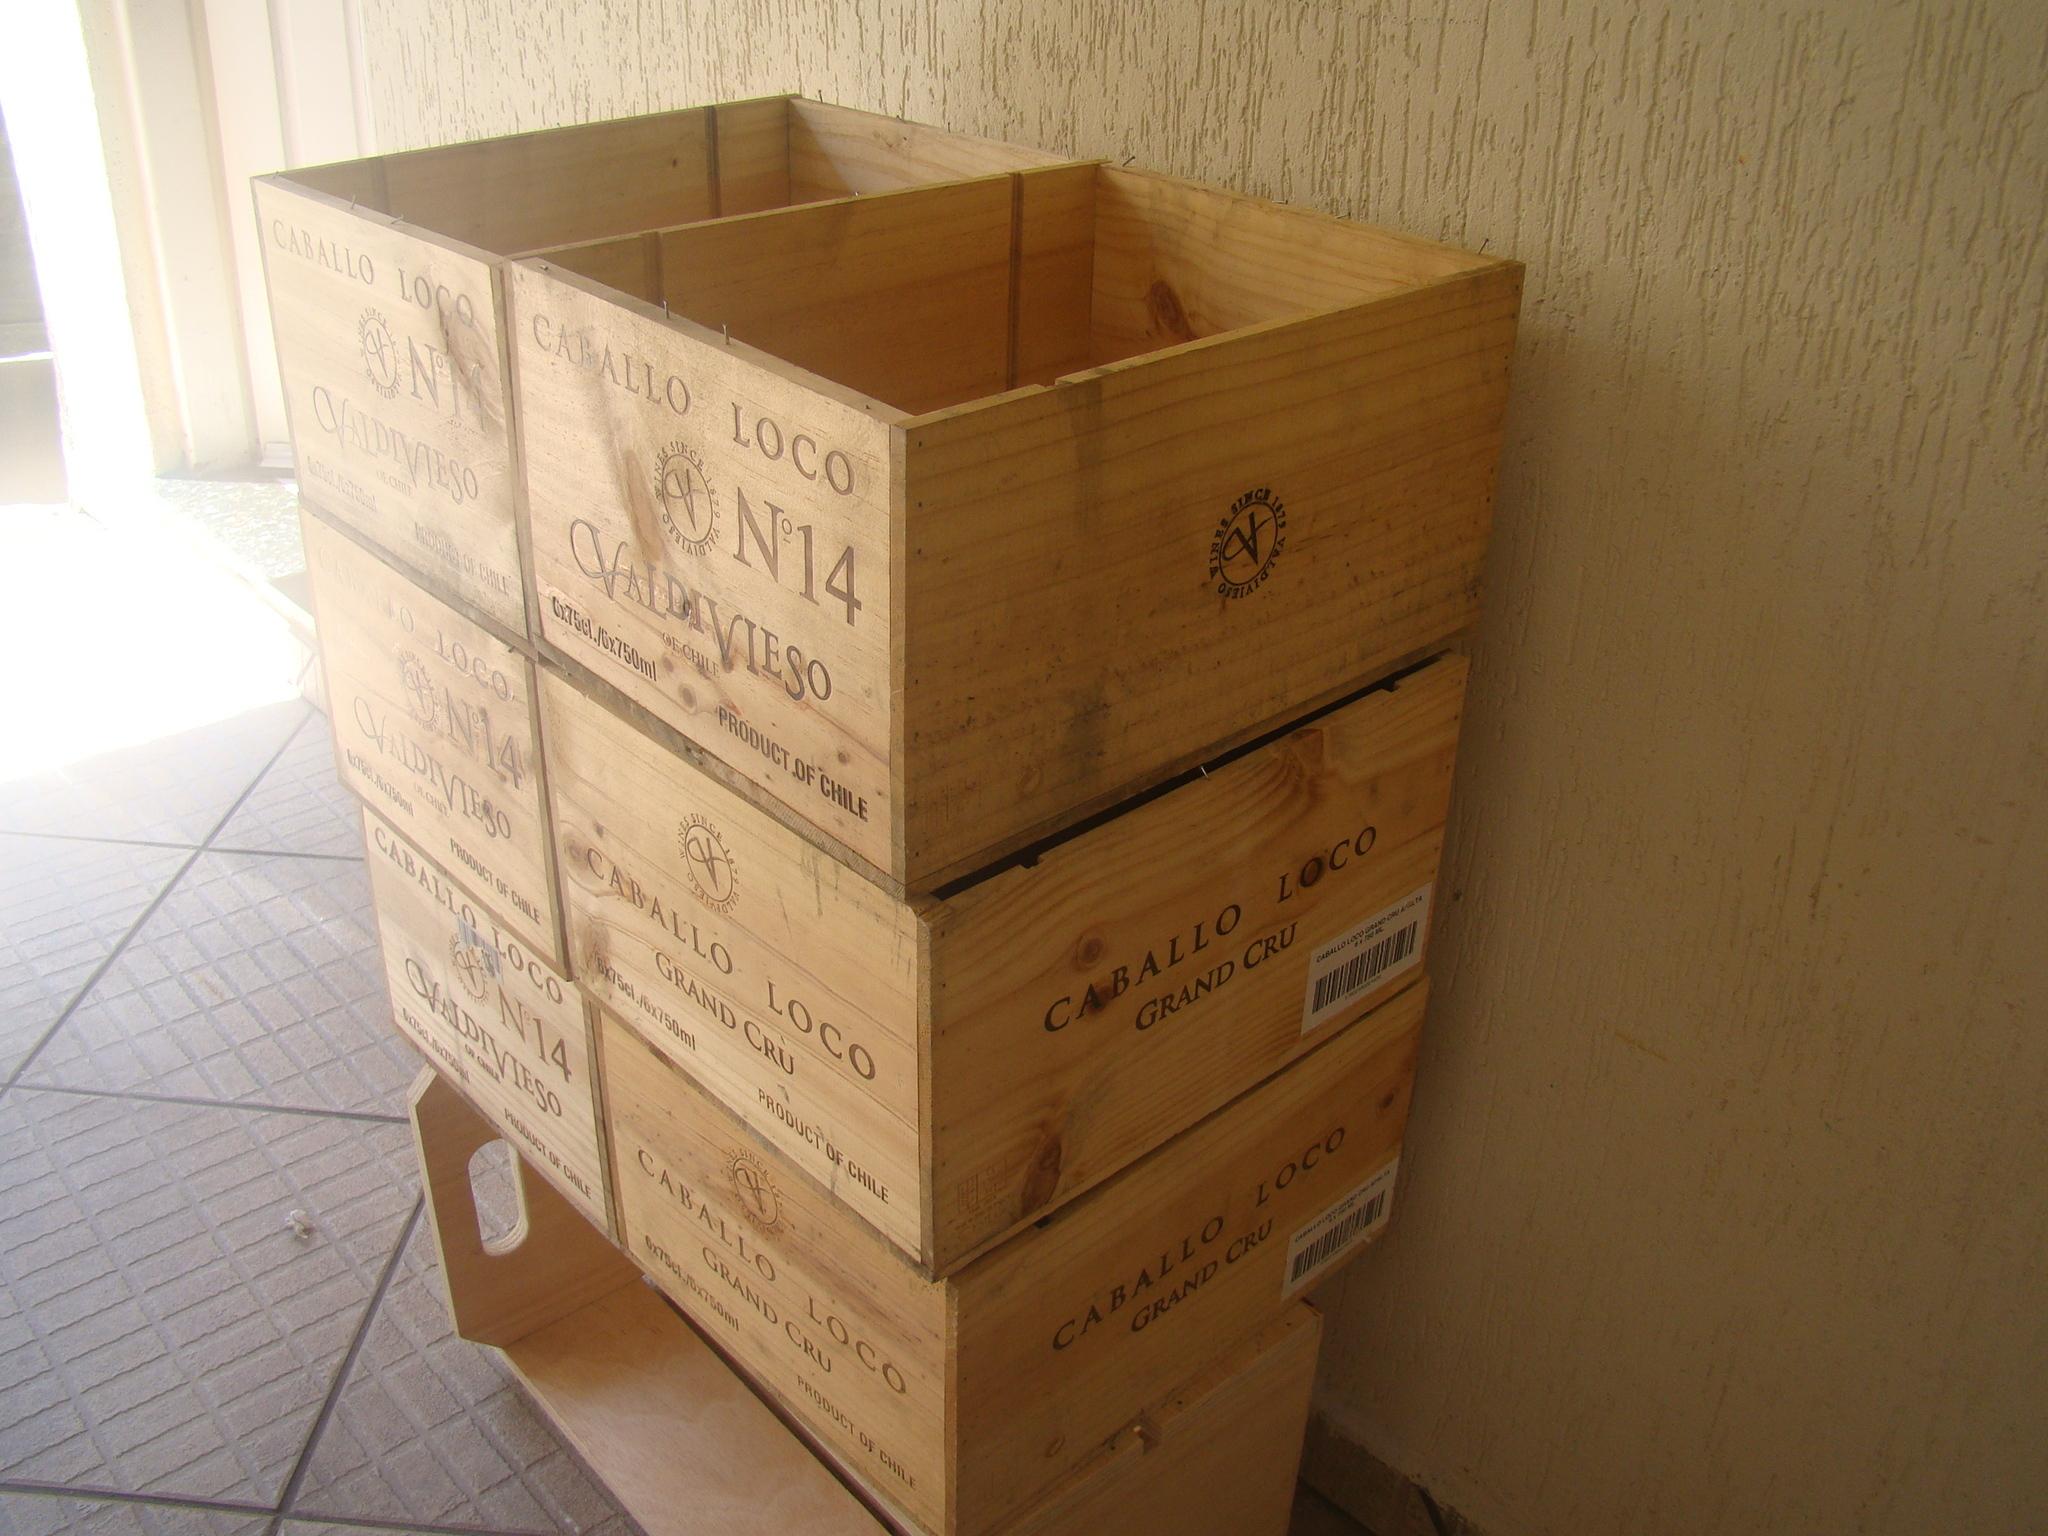 #68441F caixas de madeira de vinho parede caixas de madeira de vinho caixas de 2048x1536 px caixas de madeira para parede @ bernauer.info Móveis Antigos Novos E Usados Online